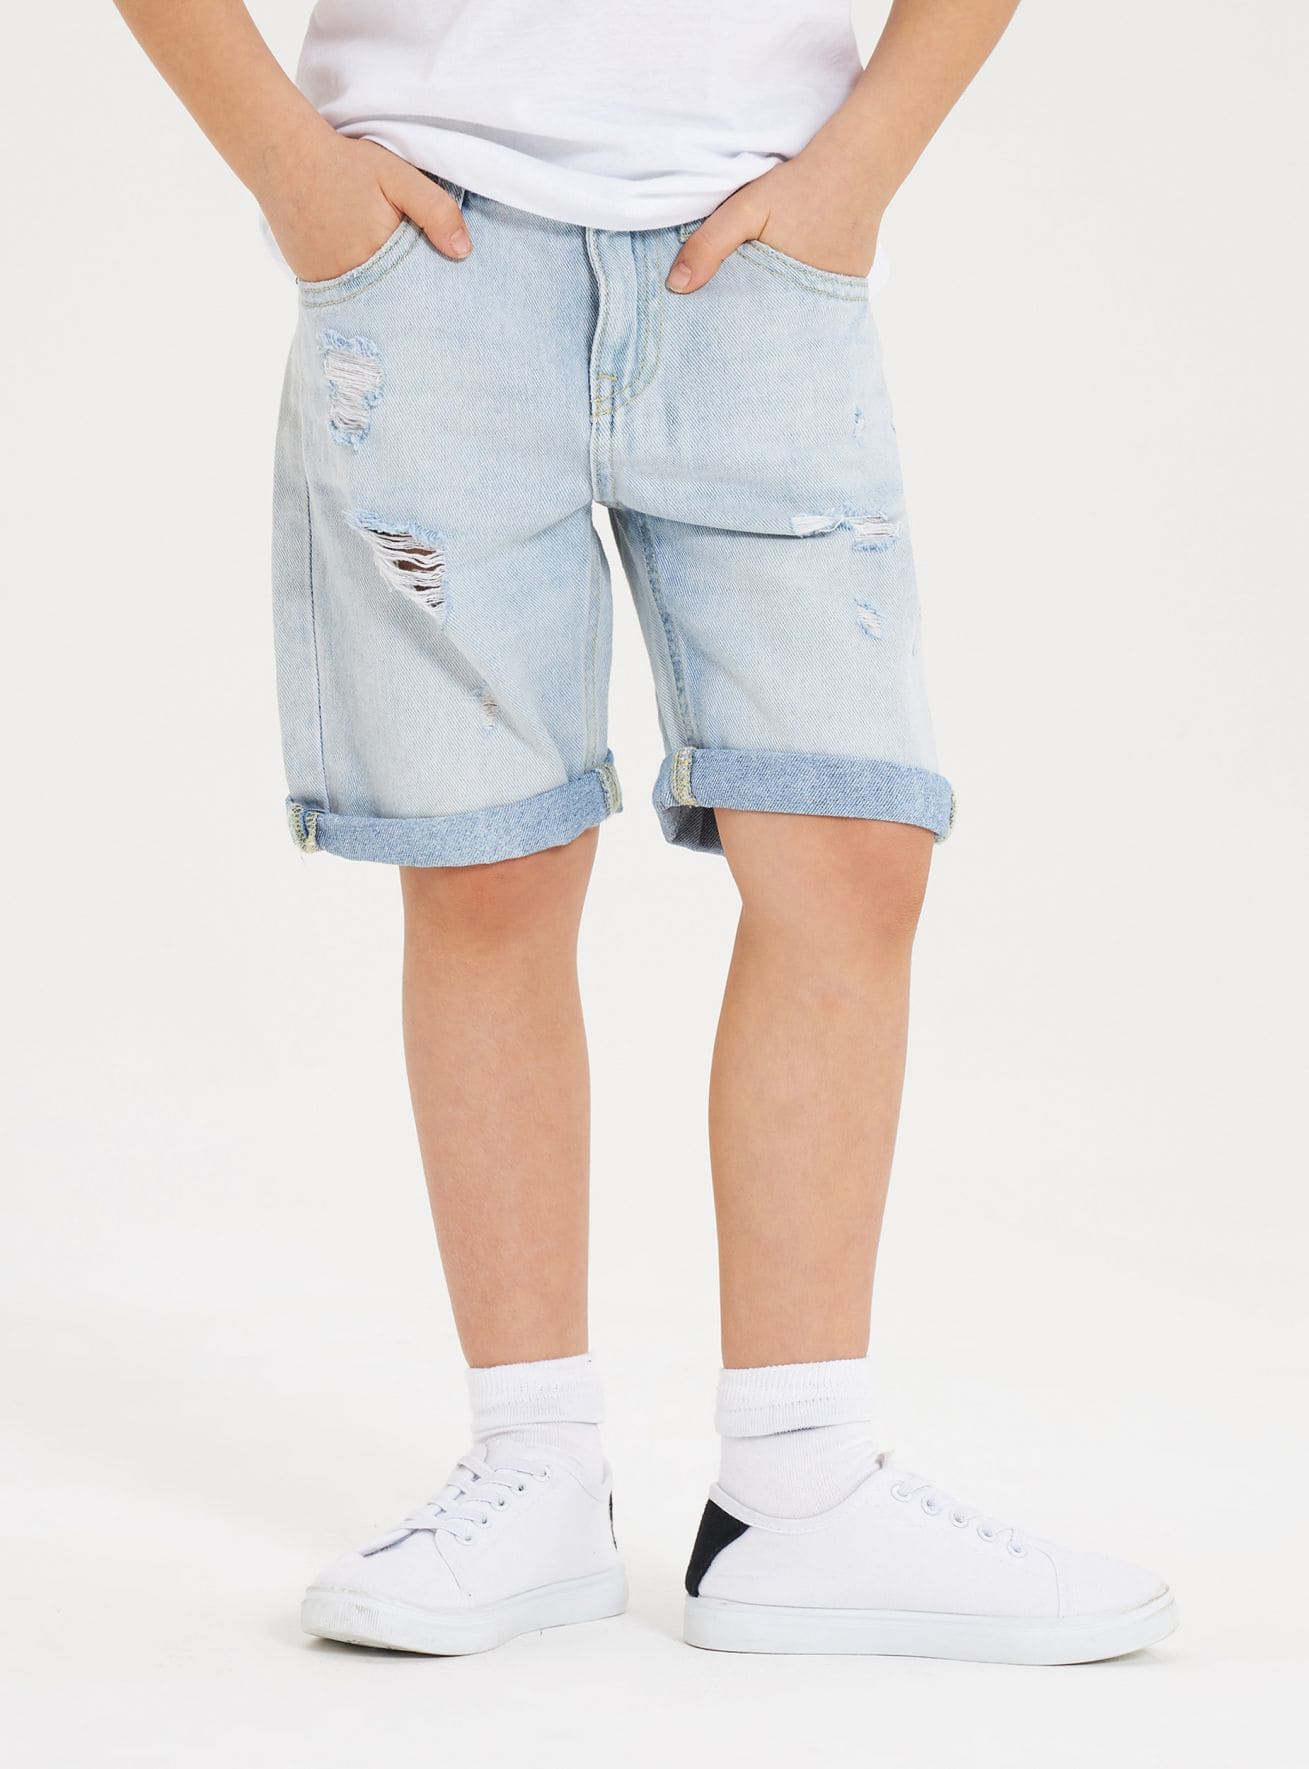 Pantalone Jeans Corto Bambino Kids